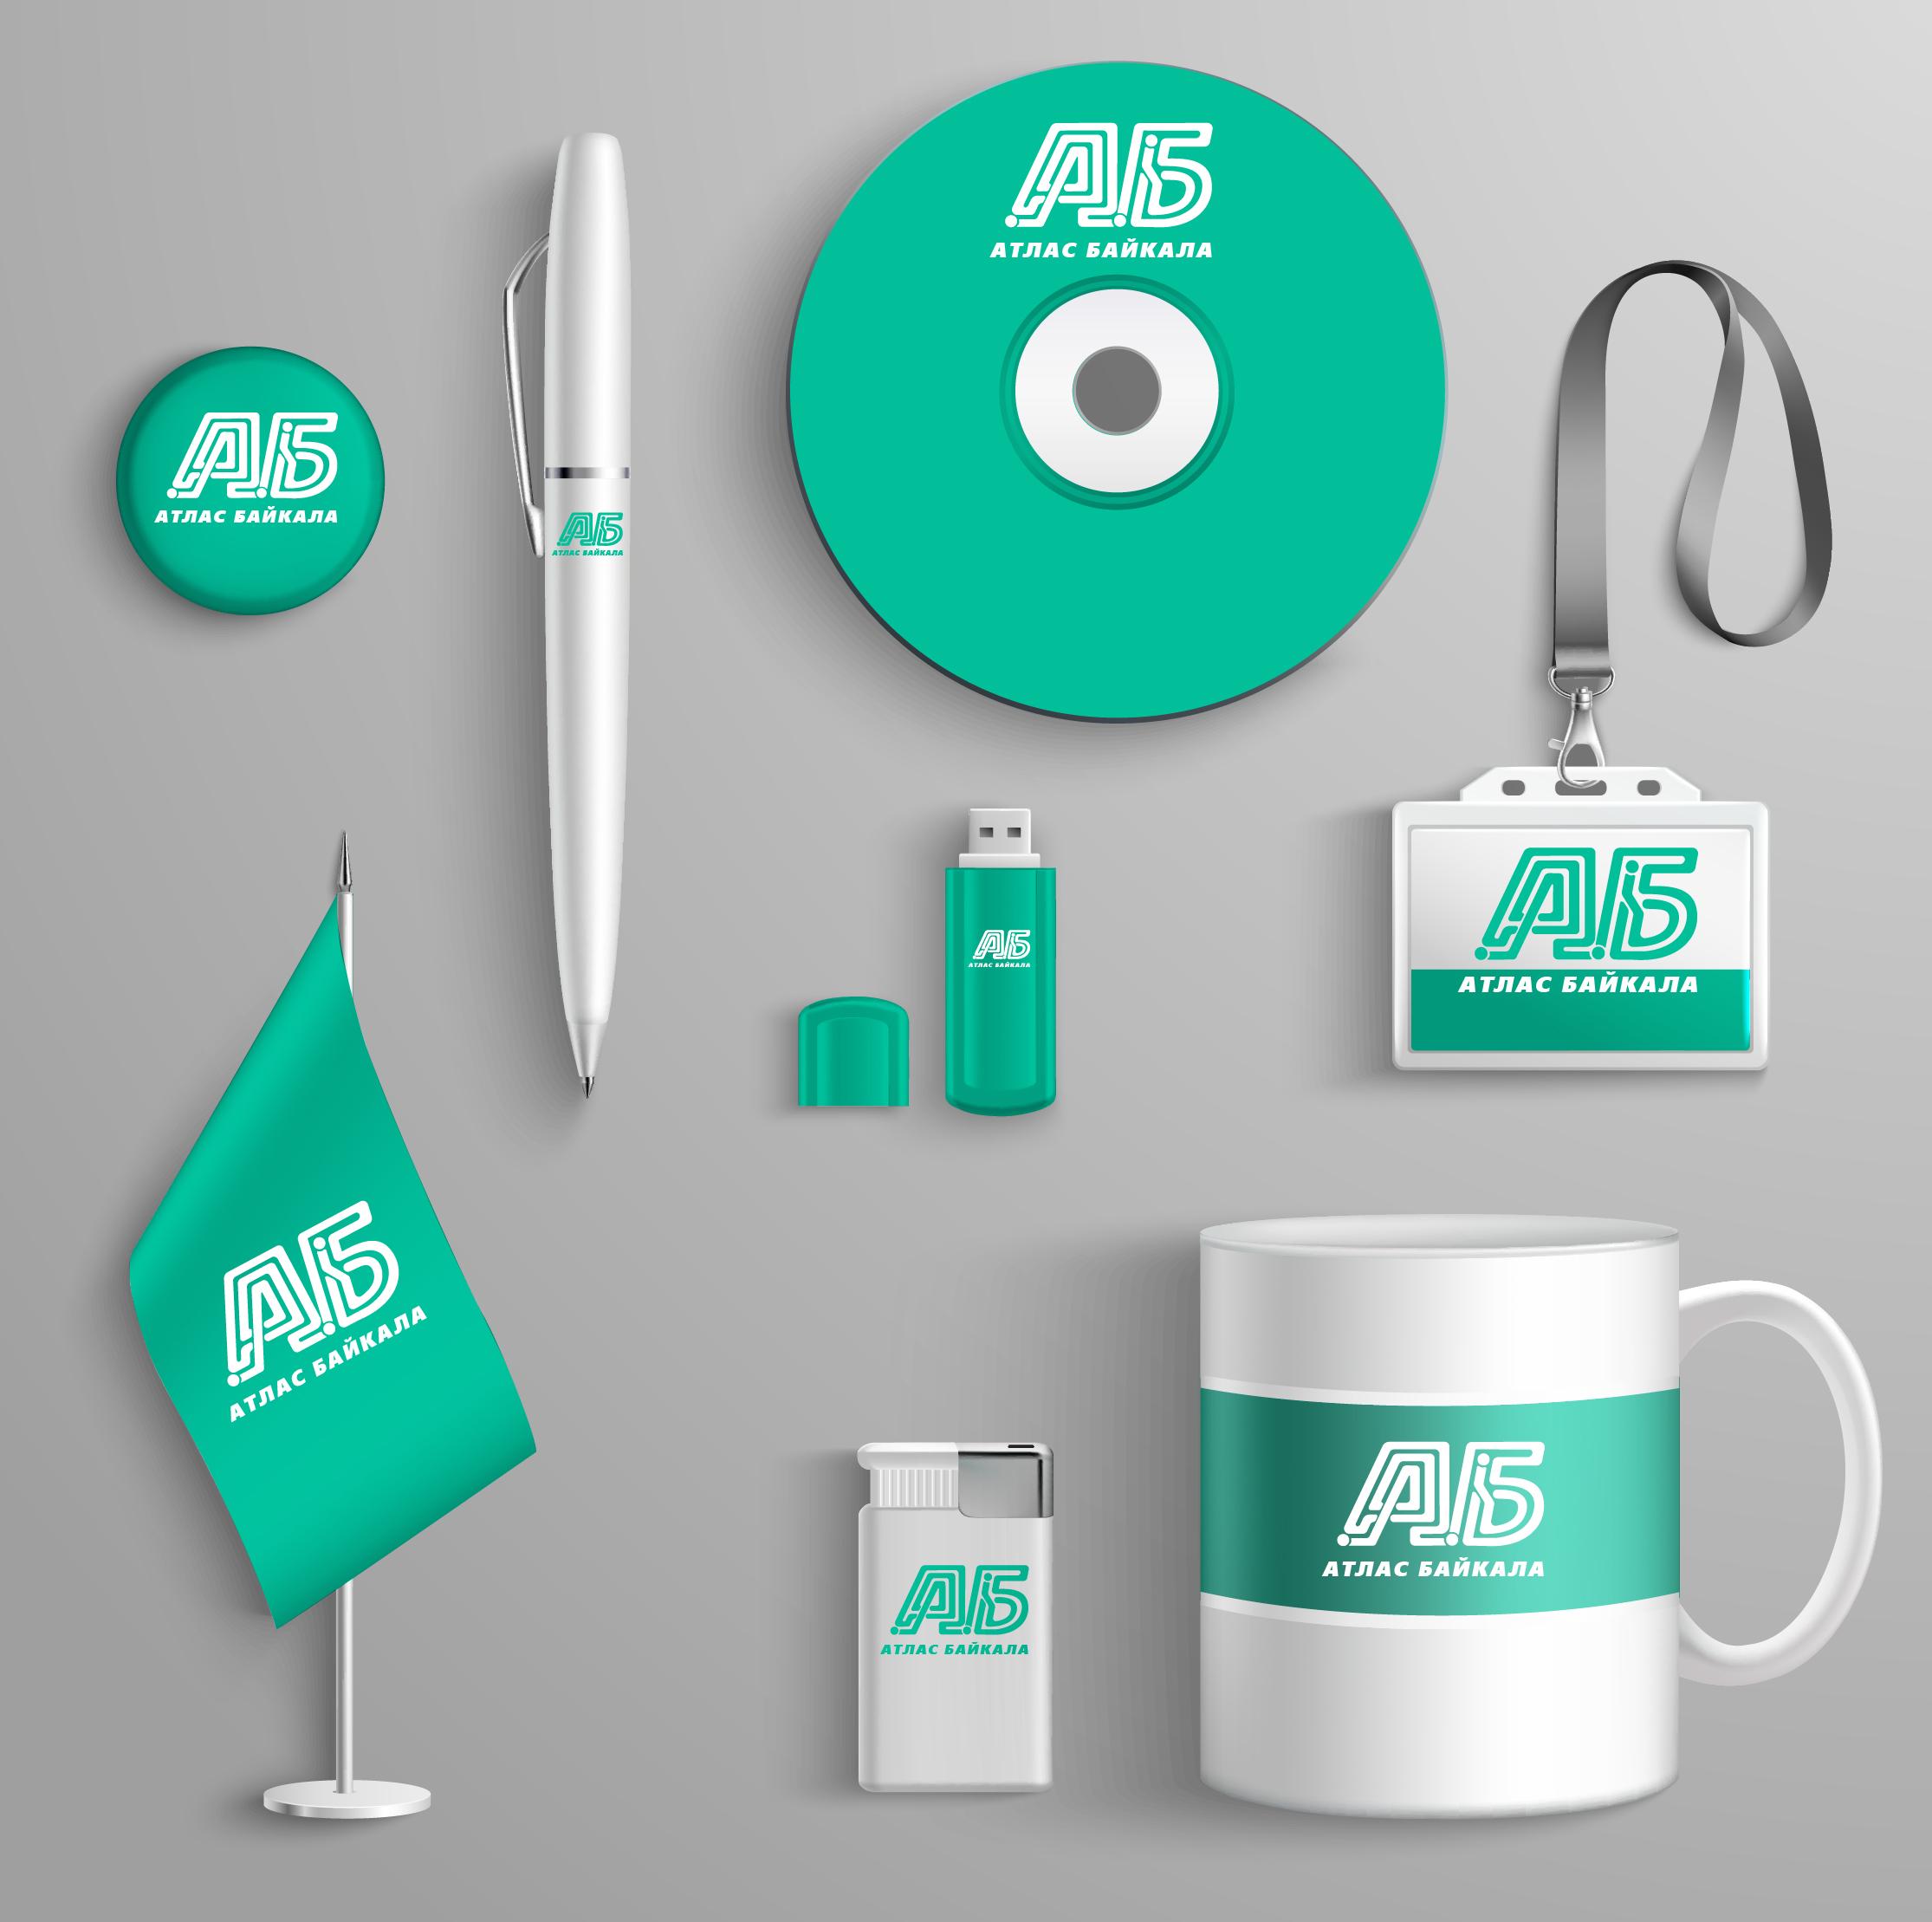 Разработка логотипа Атлас Байкала фото f_9495b0b1f9708376.jpg